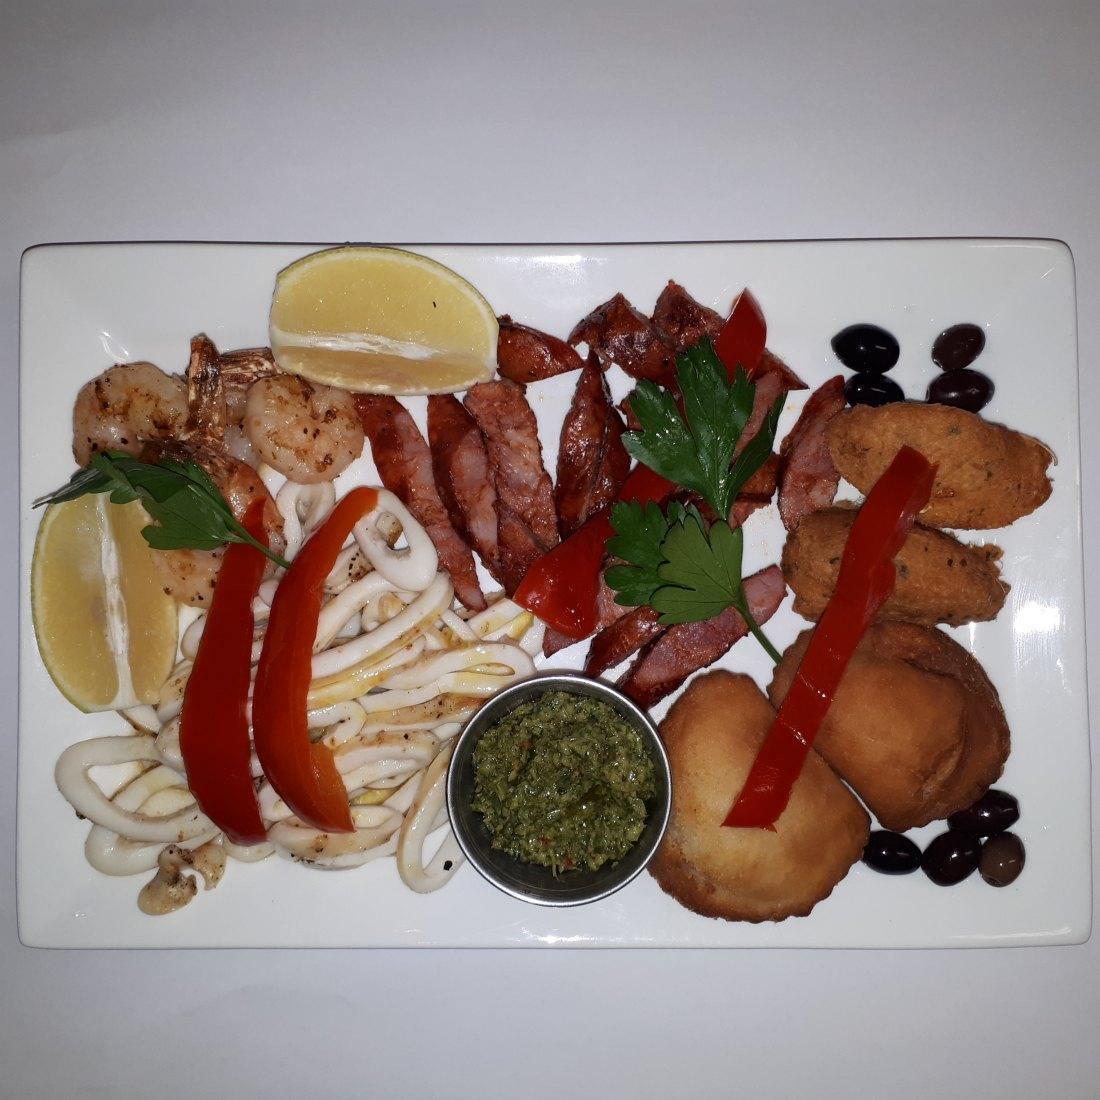 Casa Portugaise - Restaurant Cuisine Portugaise Lachine, Montréal